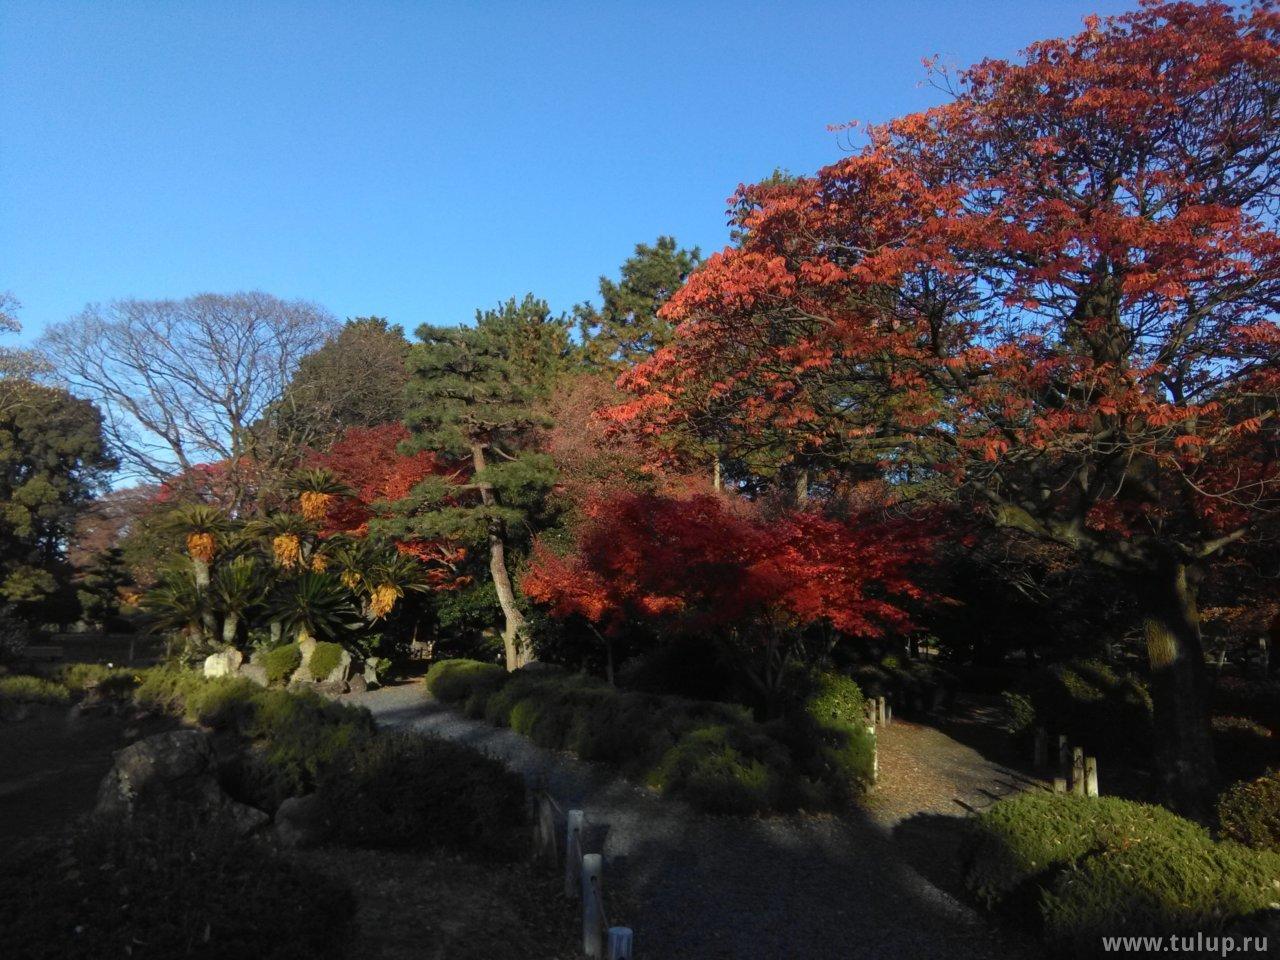 Традиционный сад: камни и деревья